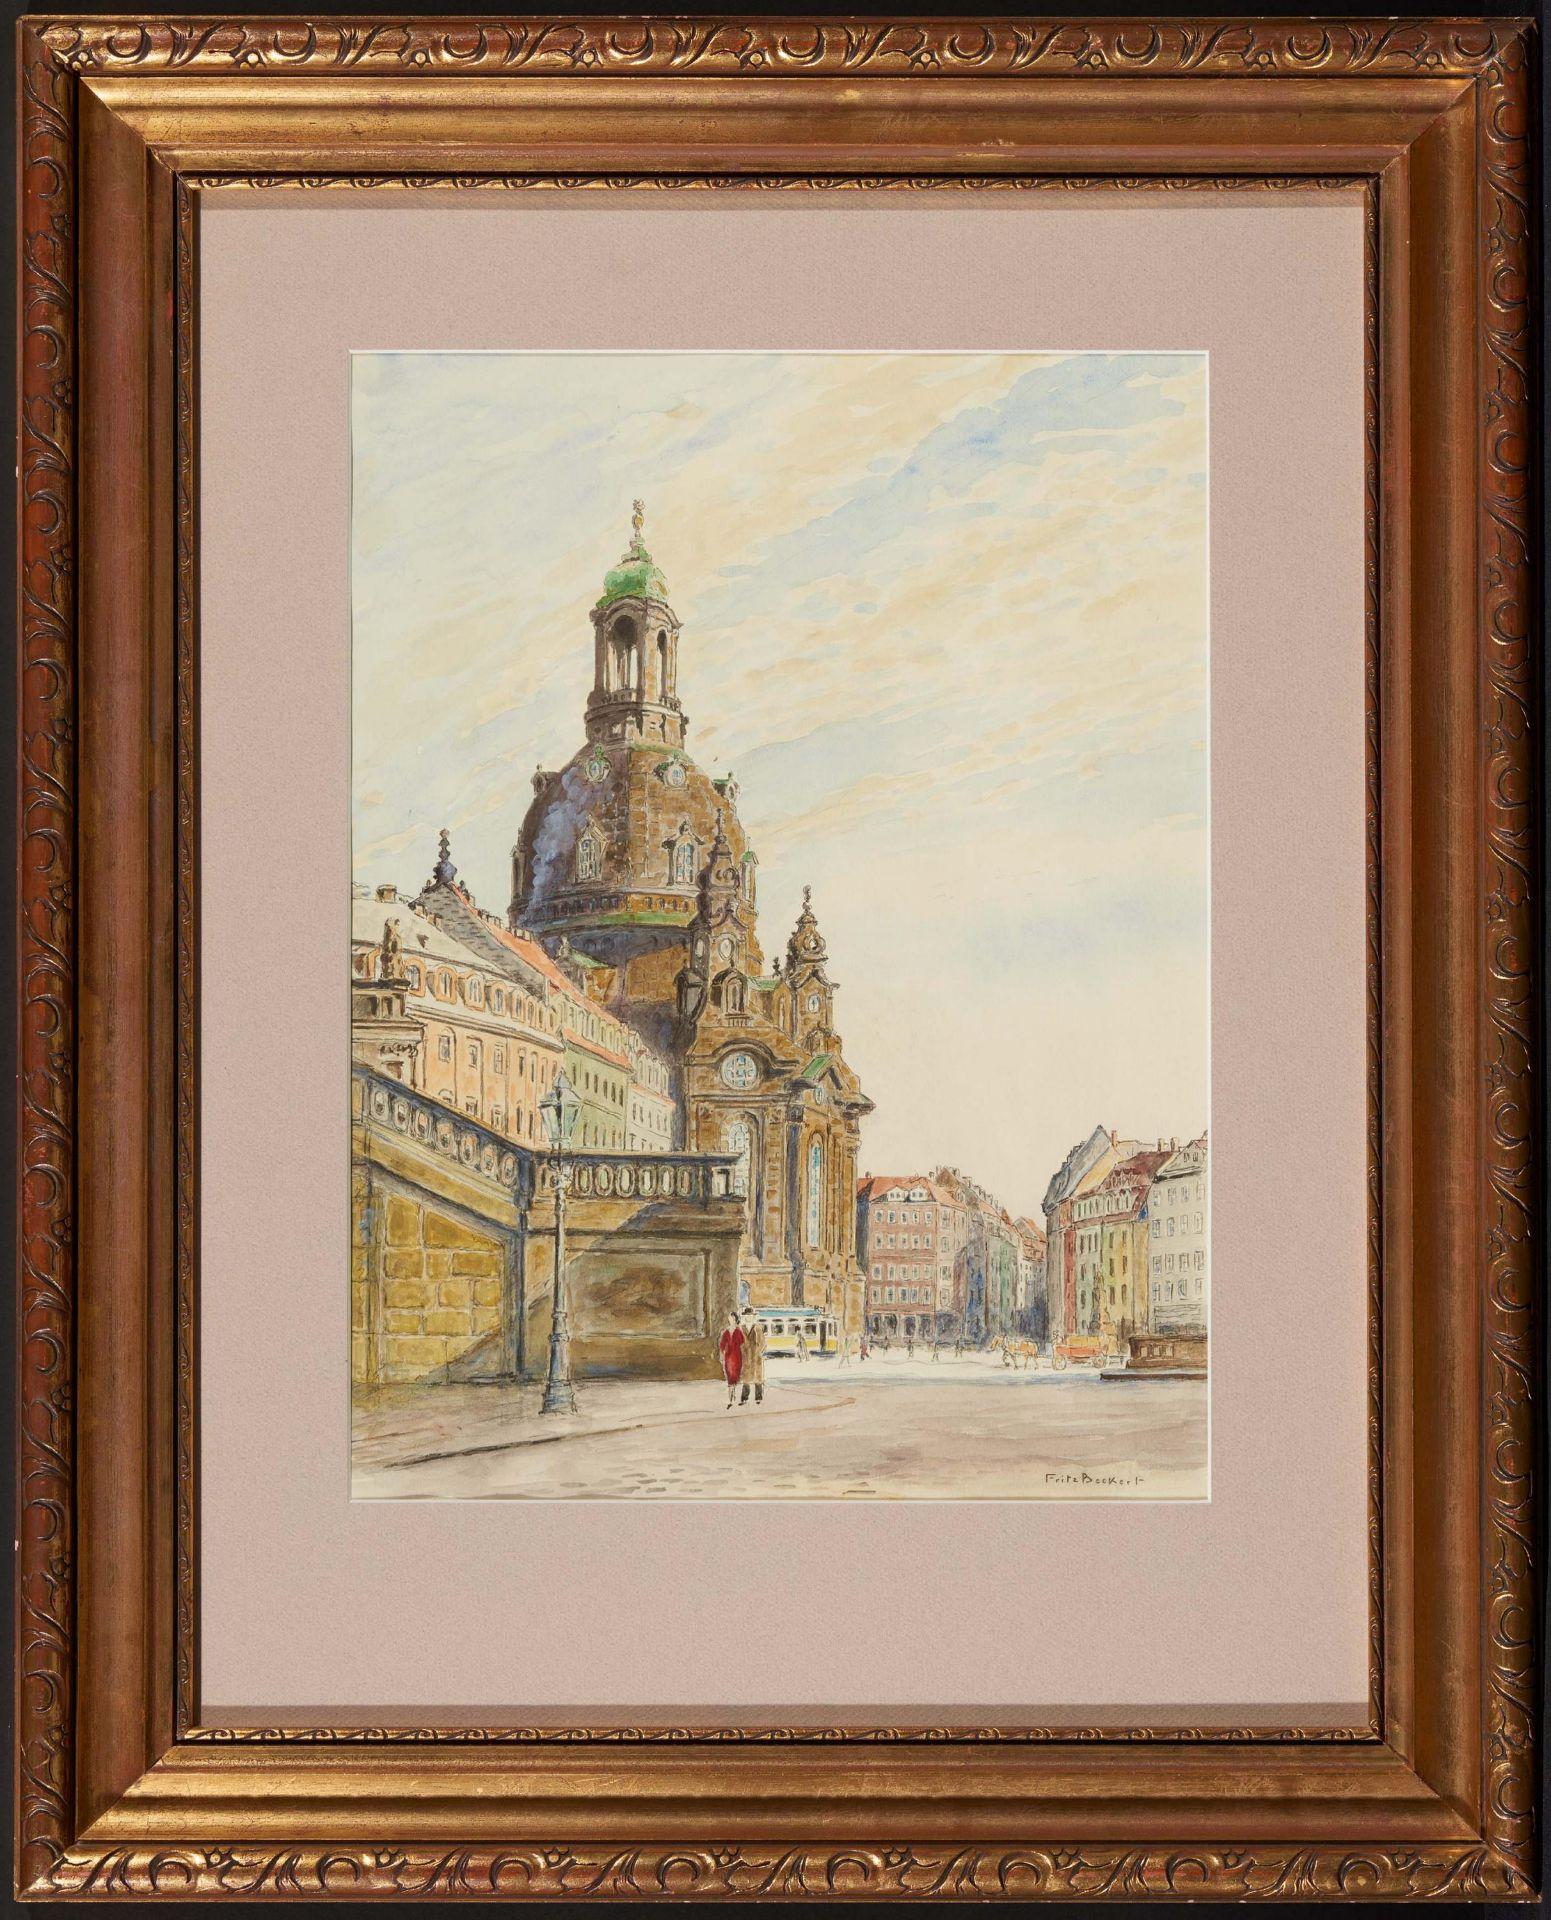 Beckert, Fritz. 1877 Leipzig - 1962 Dresden. Die Frauenkriche in Dresden. Aquarell auf Papier. - Bild 2 aus 4